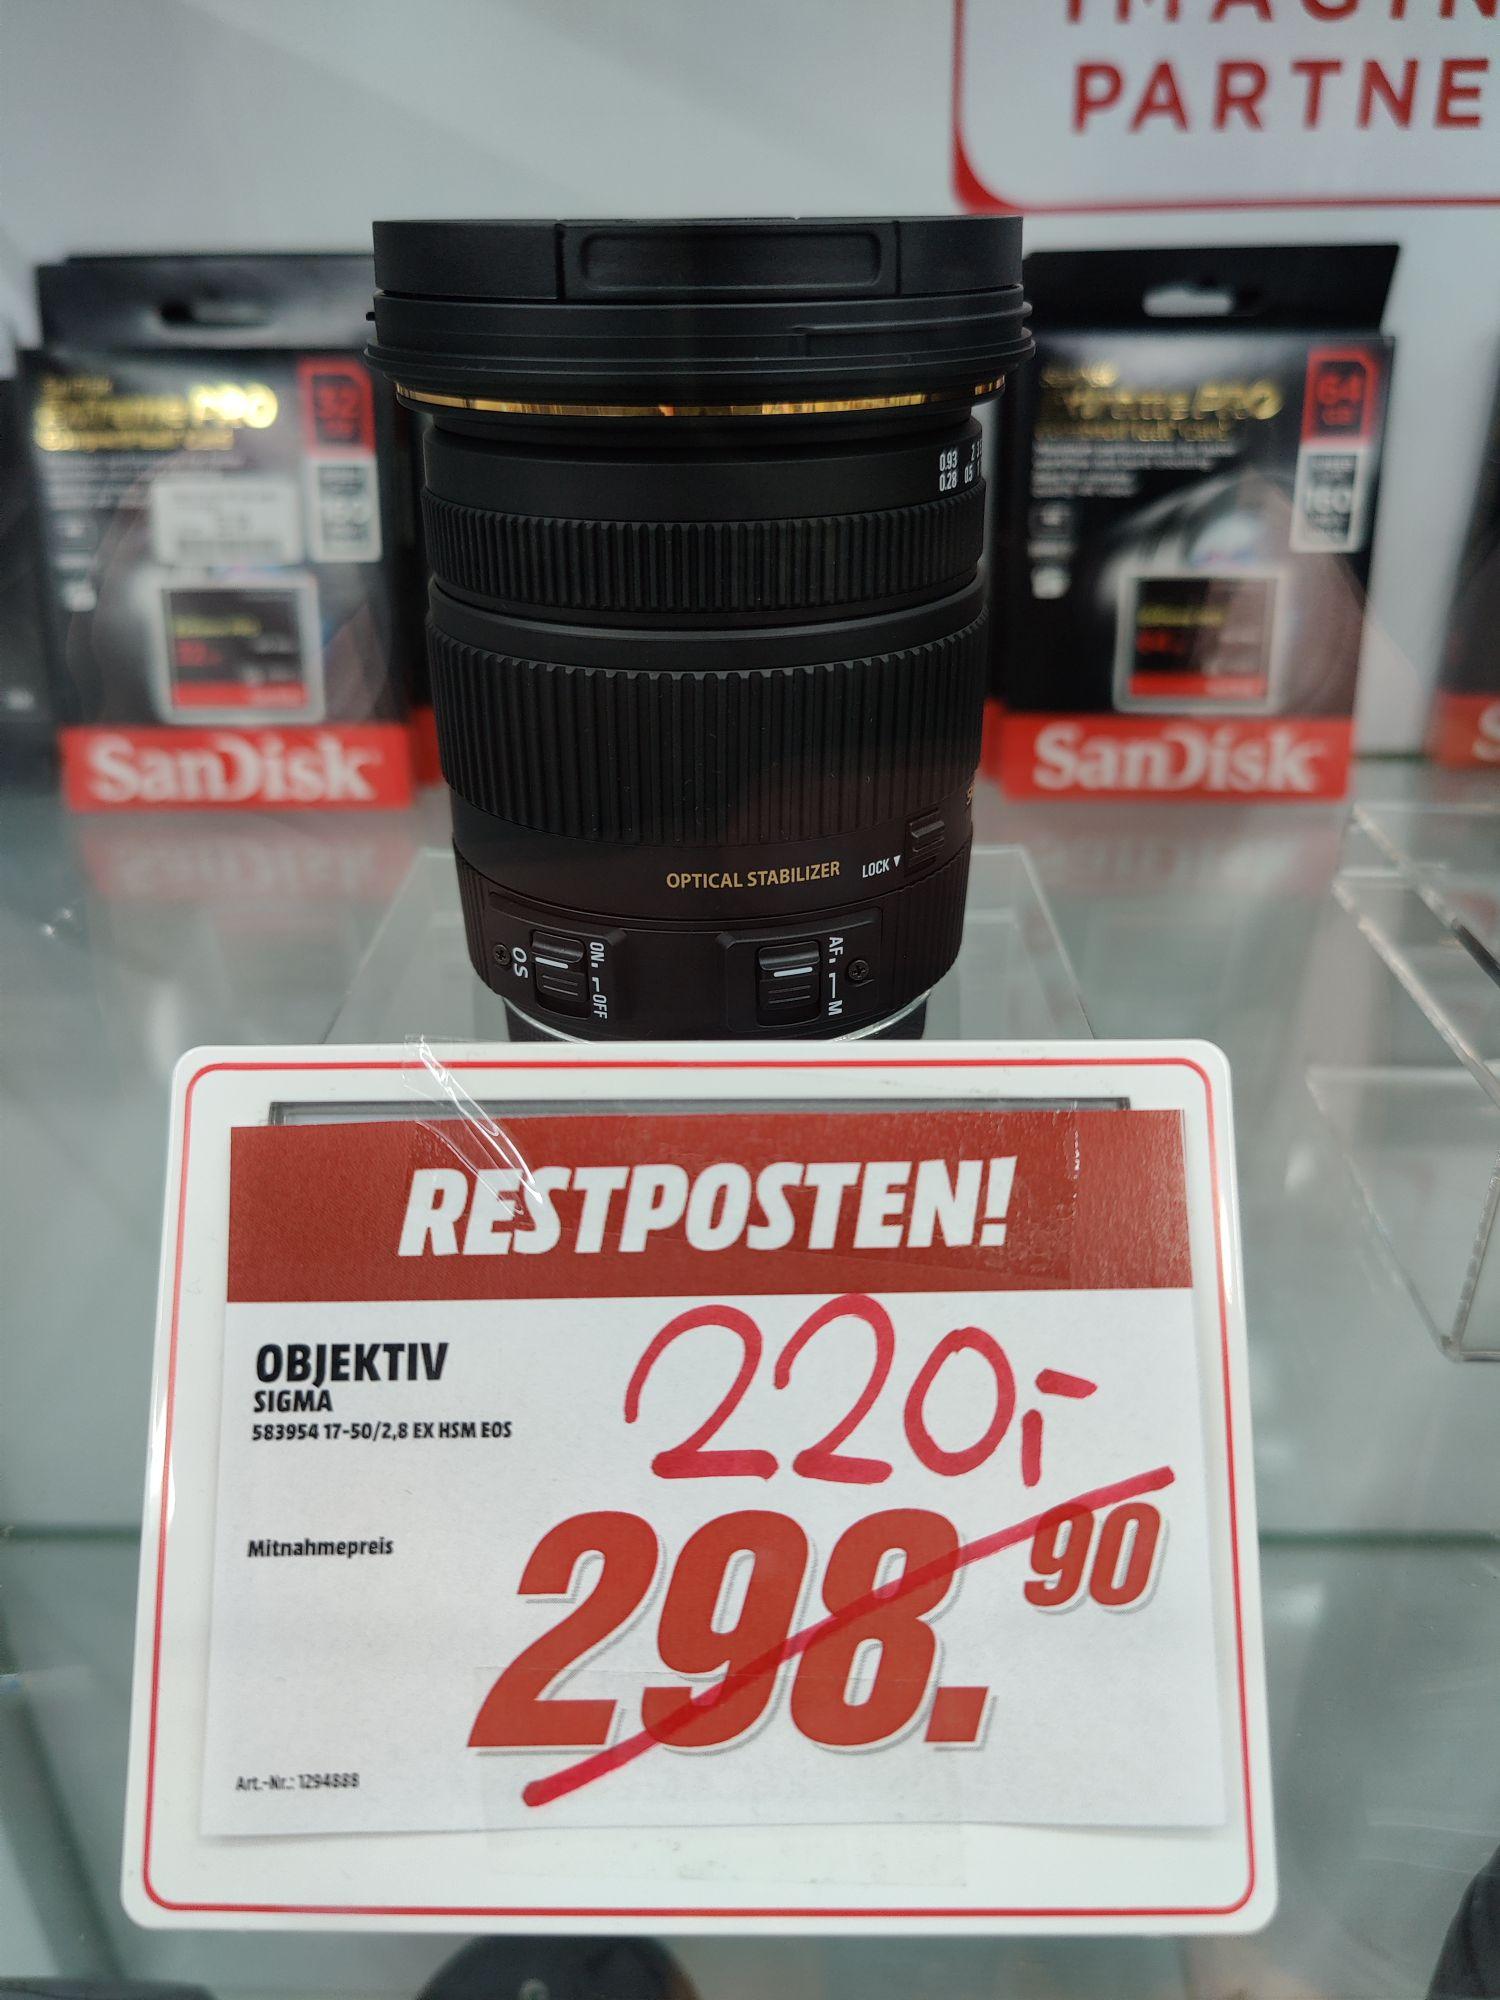 (Lokal) Media Markt Heilbronn - Sigma 17-50 2.8 ex HSM für Canon